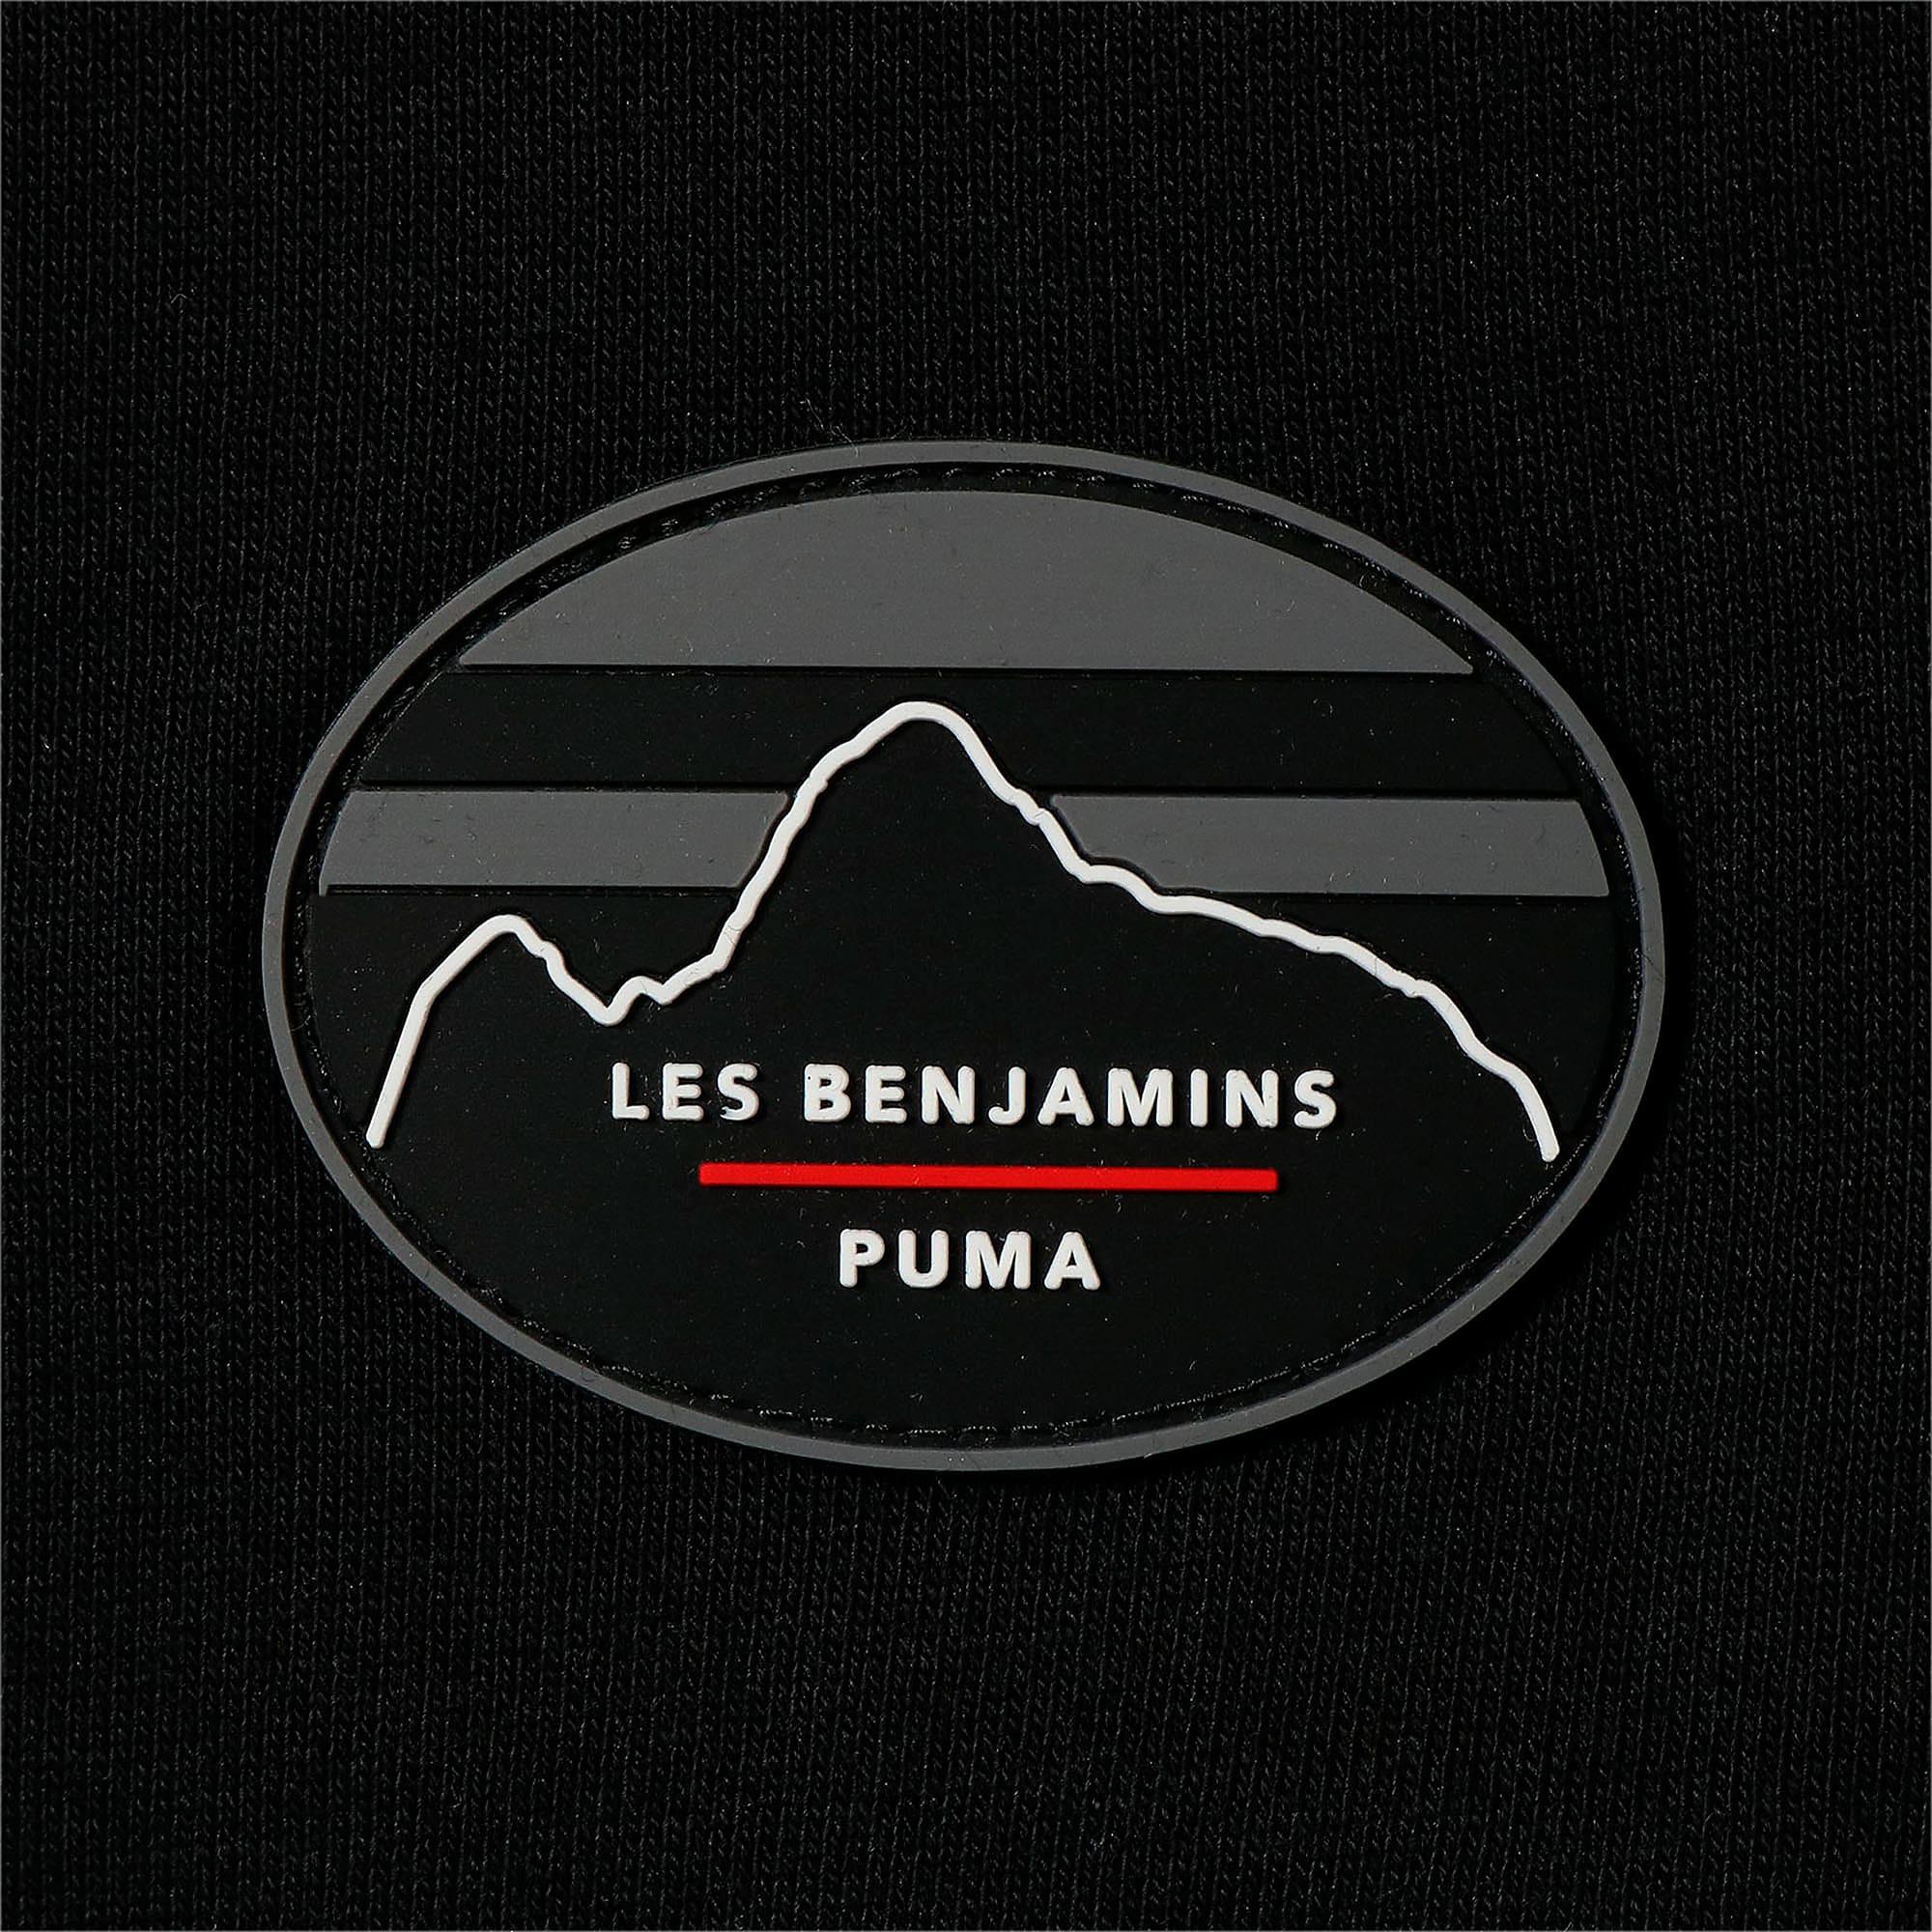 Thumbnail 7 of PUMA x LES BENJAMINS フーディー, Puma Black, medium-JPN